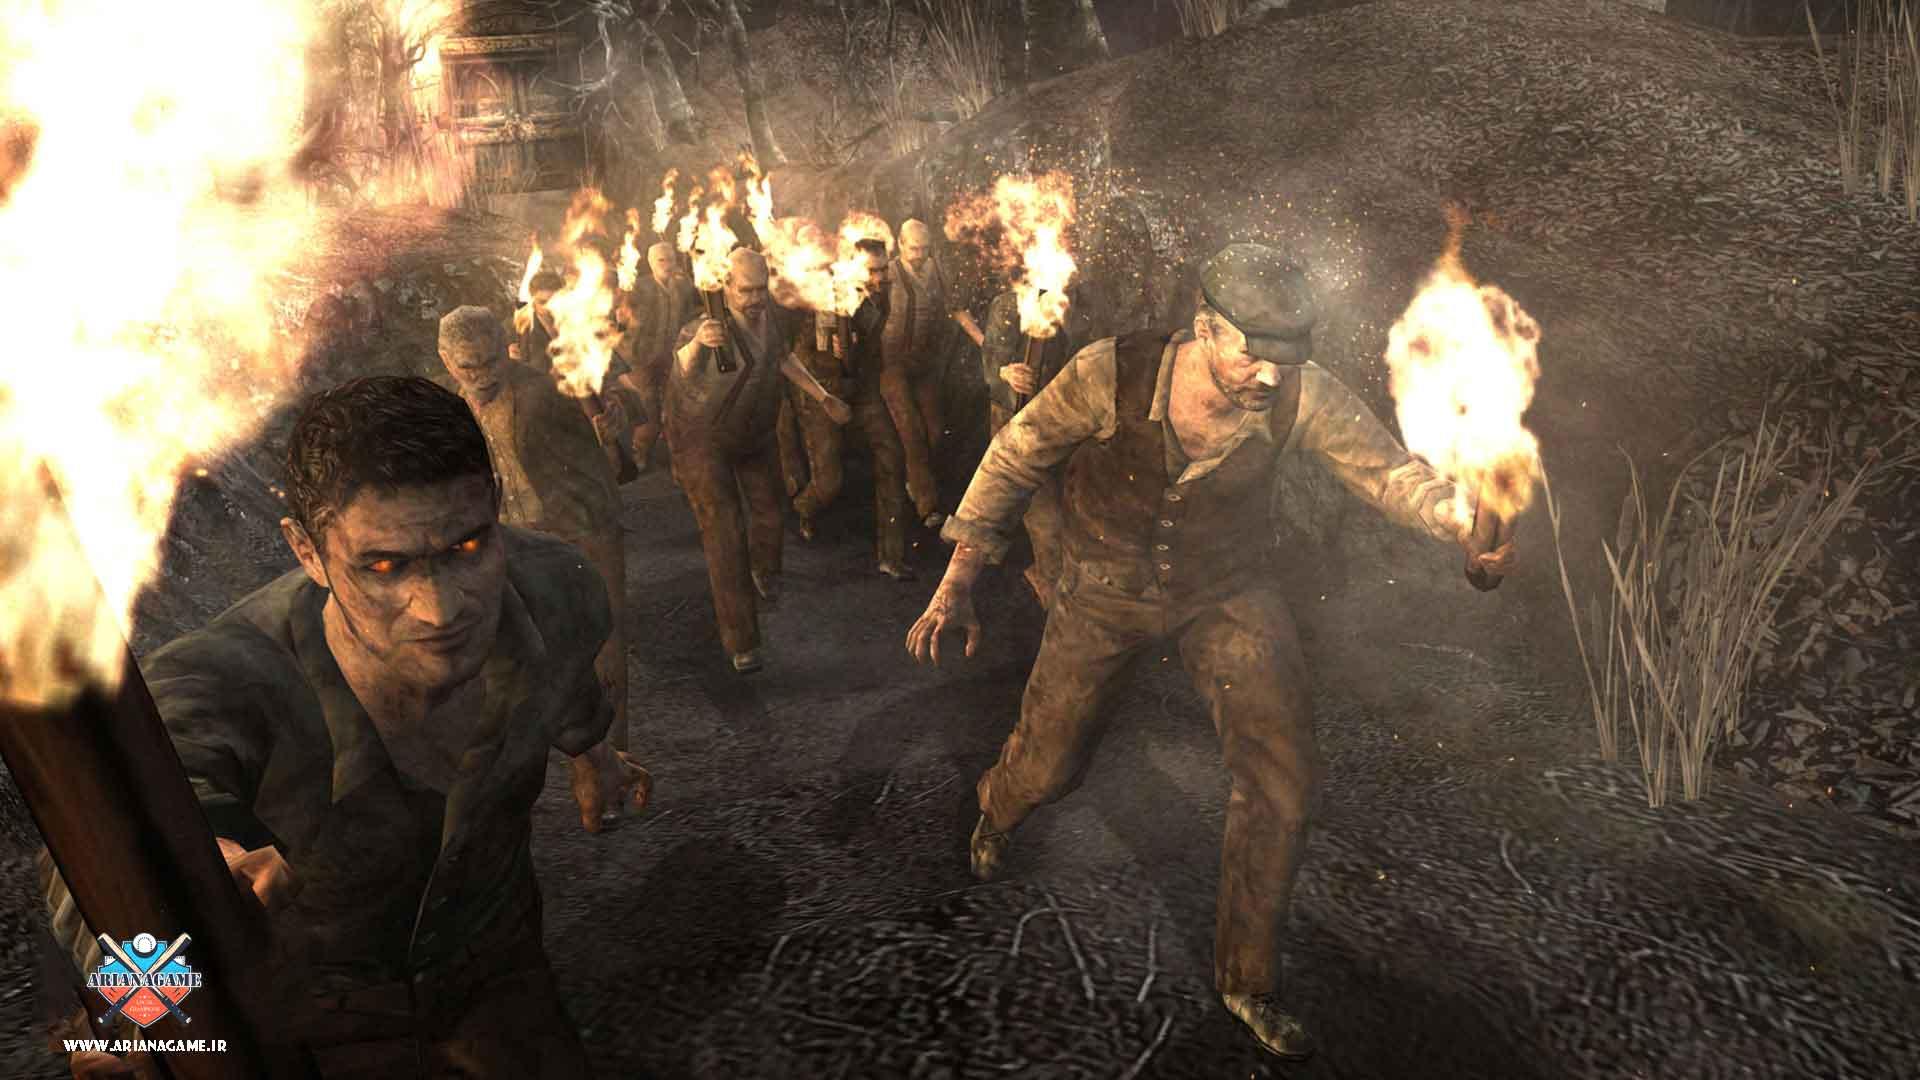 خرید بازی Resident Evil 4 (رزیدنت اویل ۴) برای PC